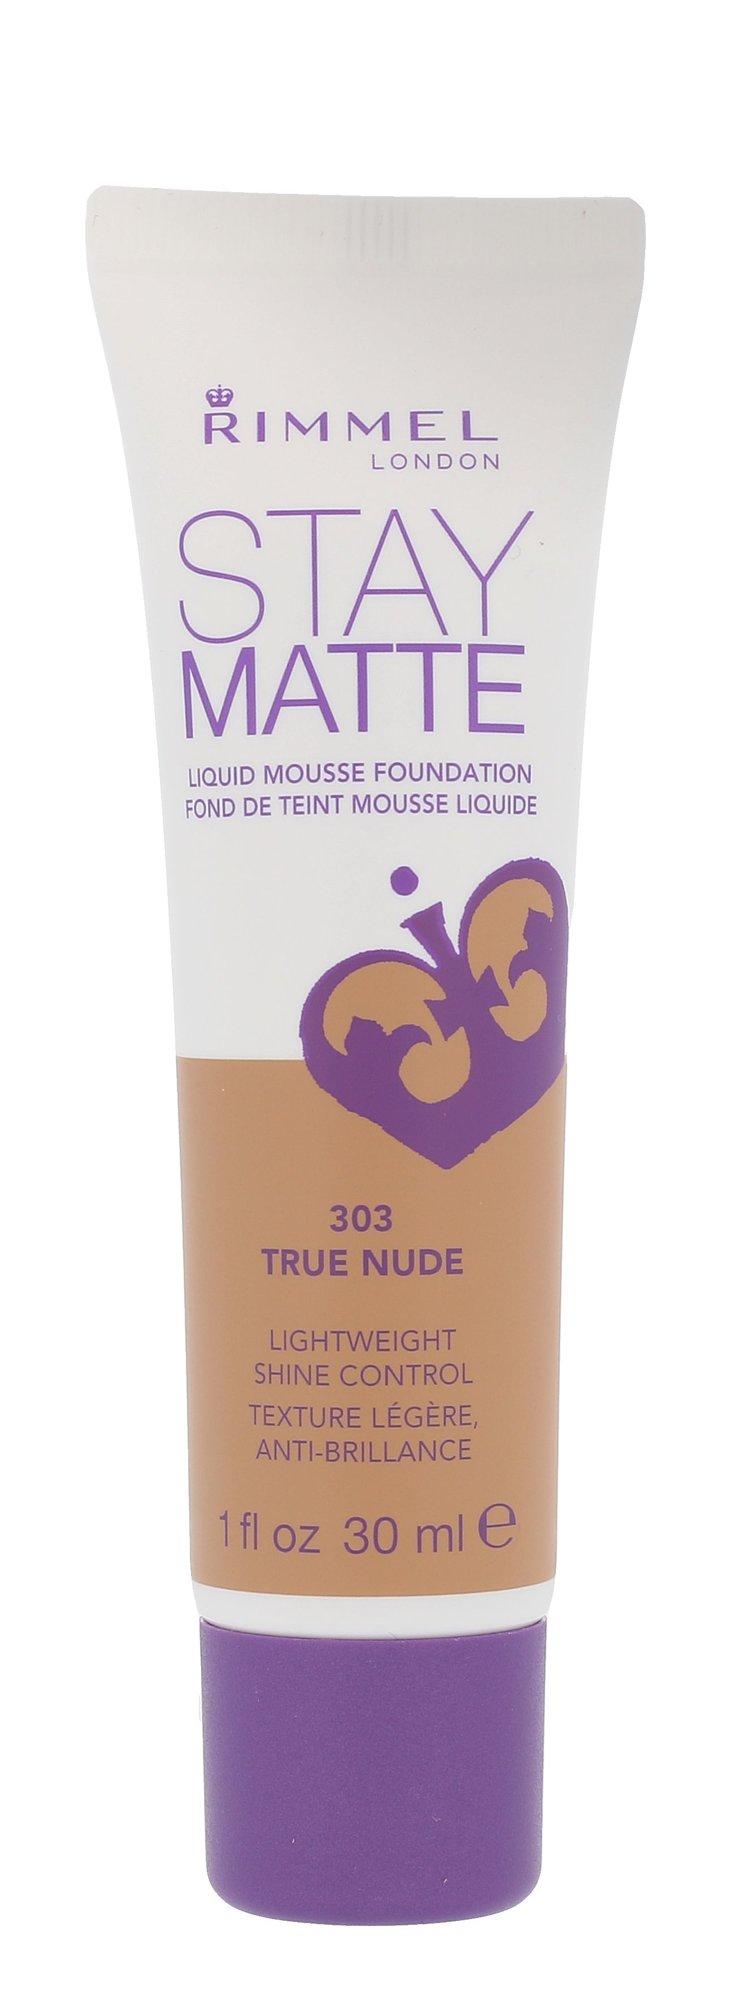 Rimmel London Stay Matte Cosmetic 30ml 303 True Nude